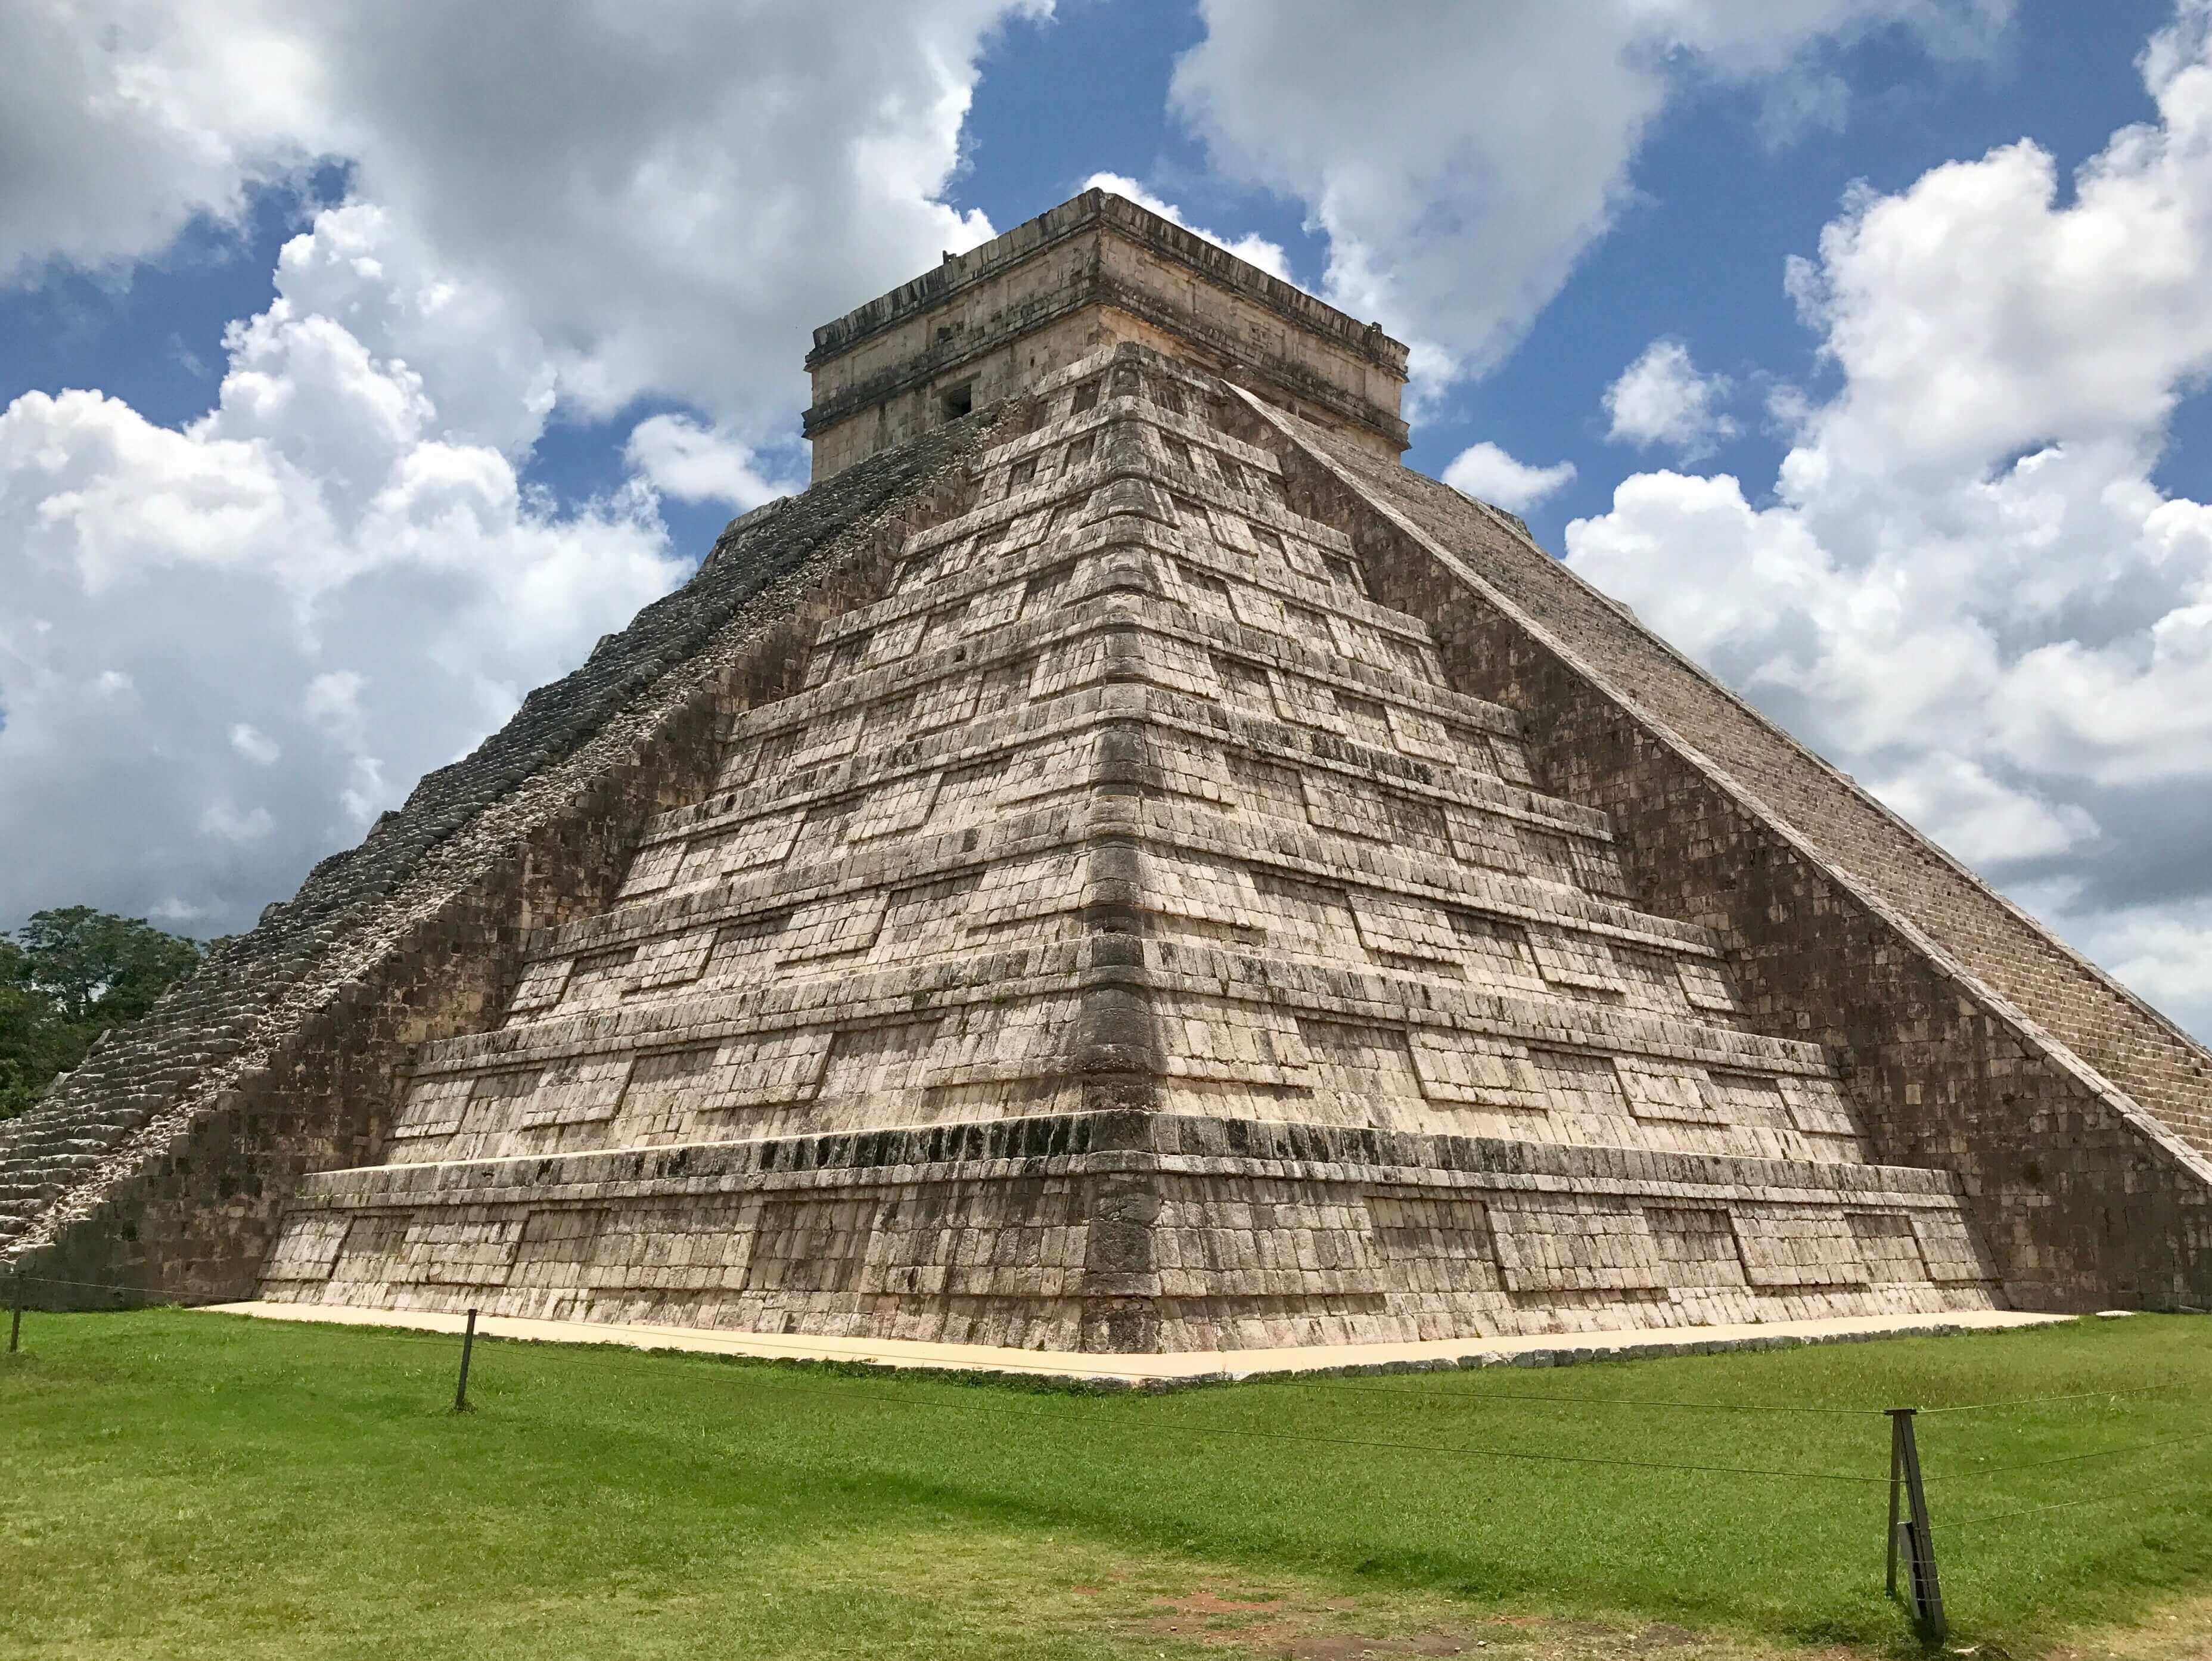 Νέα ανακάλυψη σε ναό των Μάγια